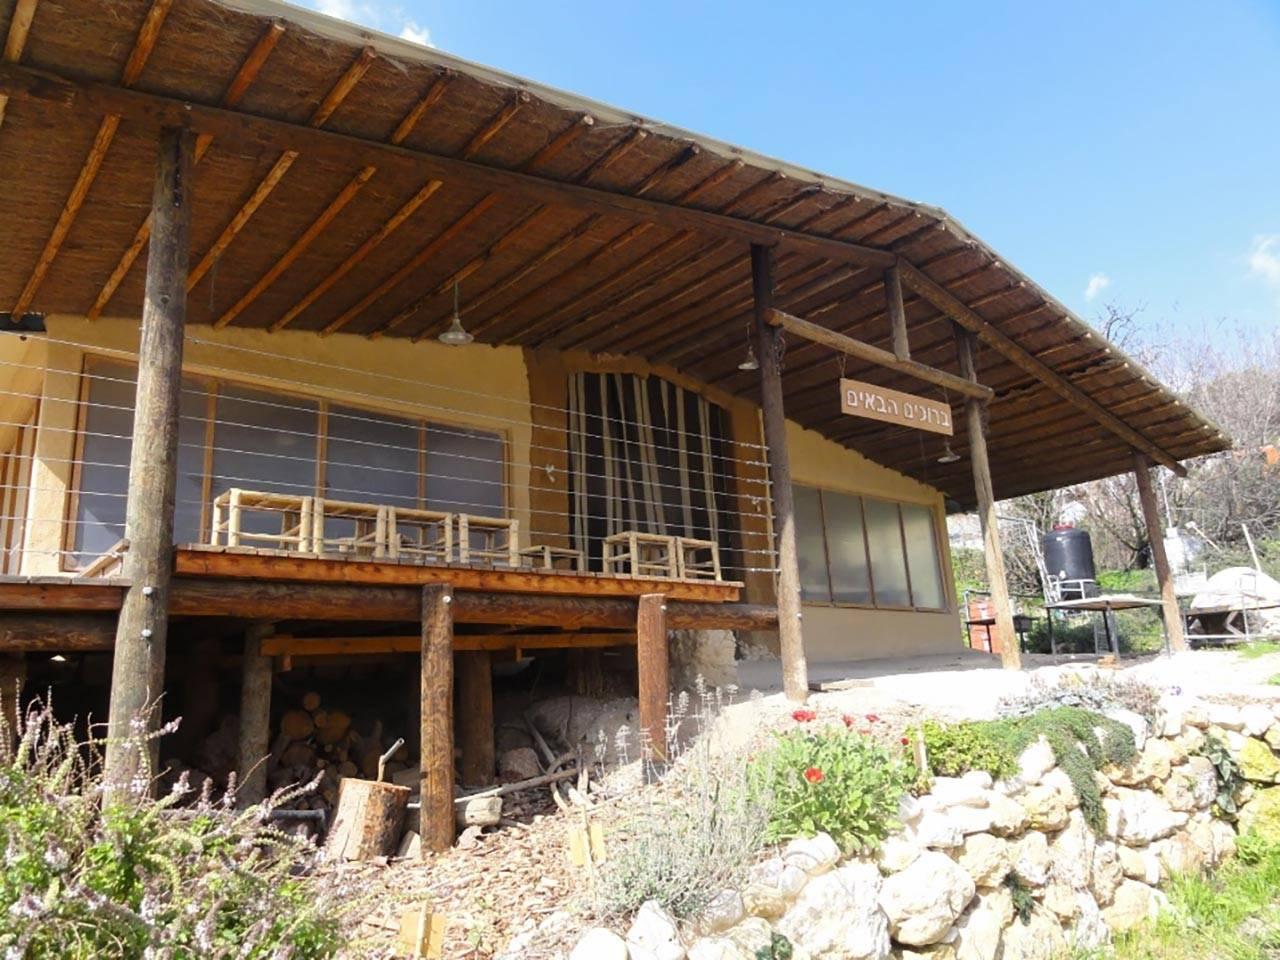 ורטיגו, כפר האמנות האקולוגי. צילום: מל